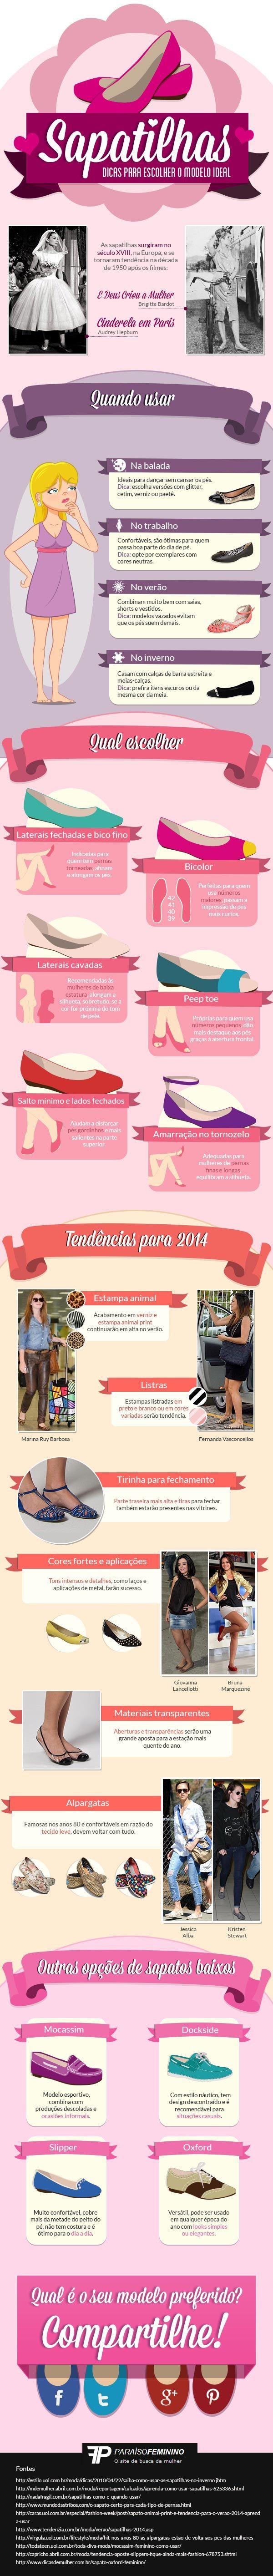 Infográfico de Sapatilhas - Dicas para escolher o modelo ideal | http://www.blogdocasamento.com.br